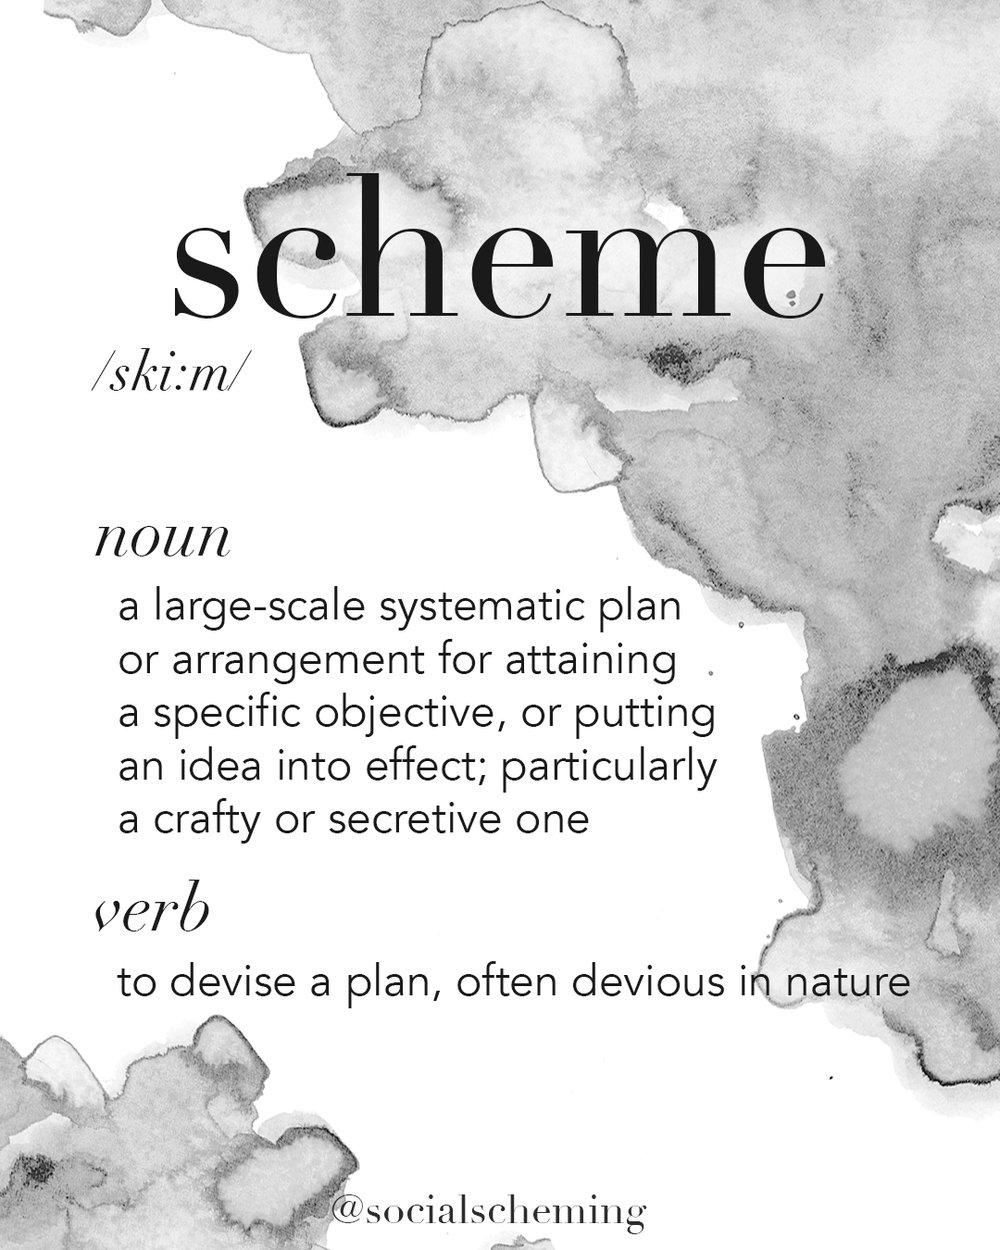 scheme2.jpg